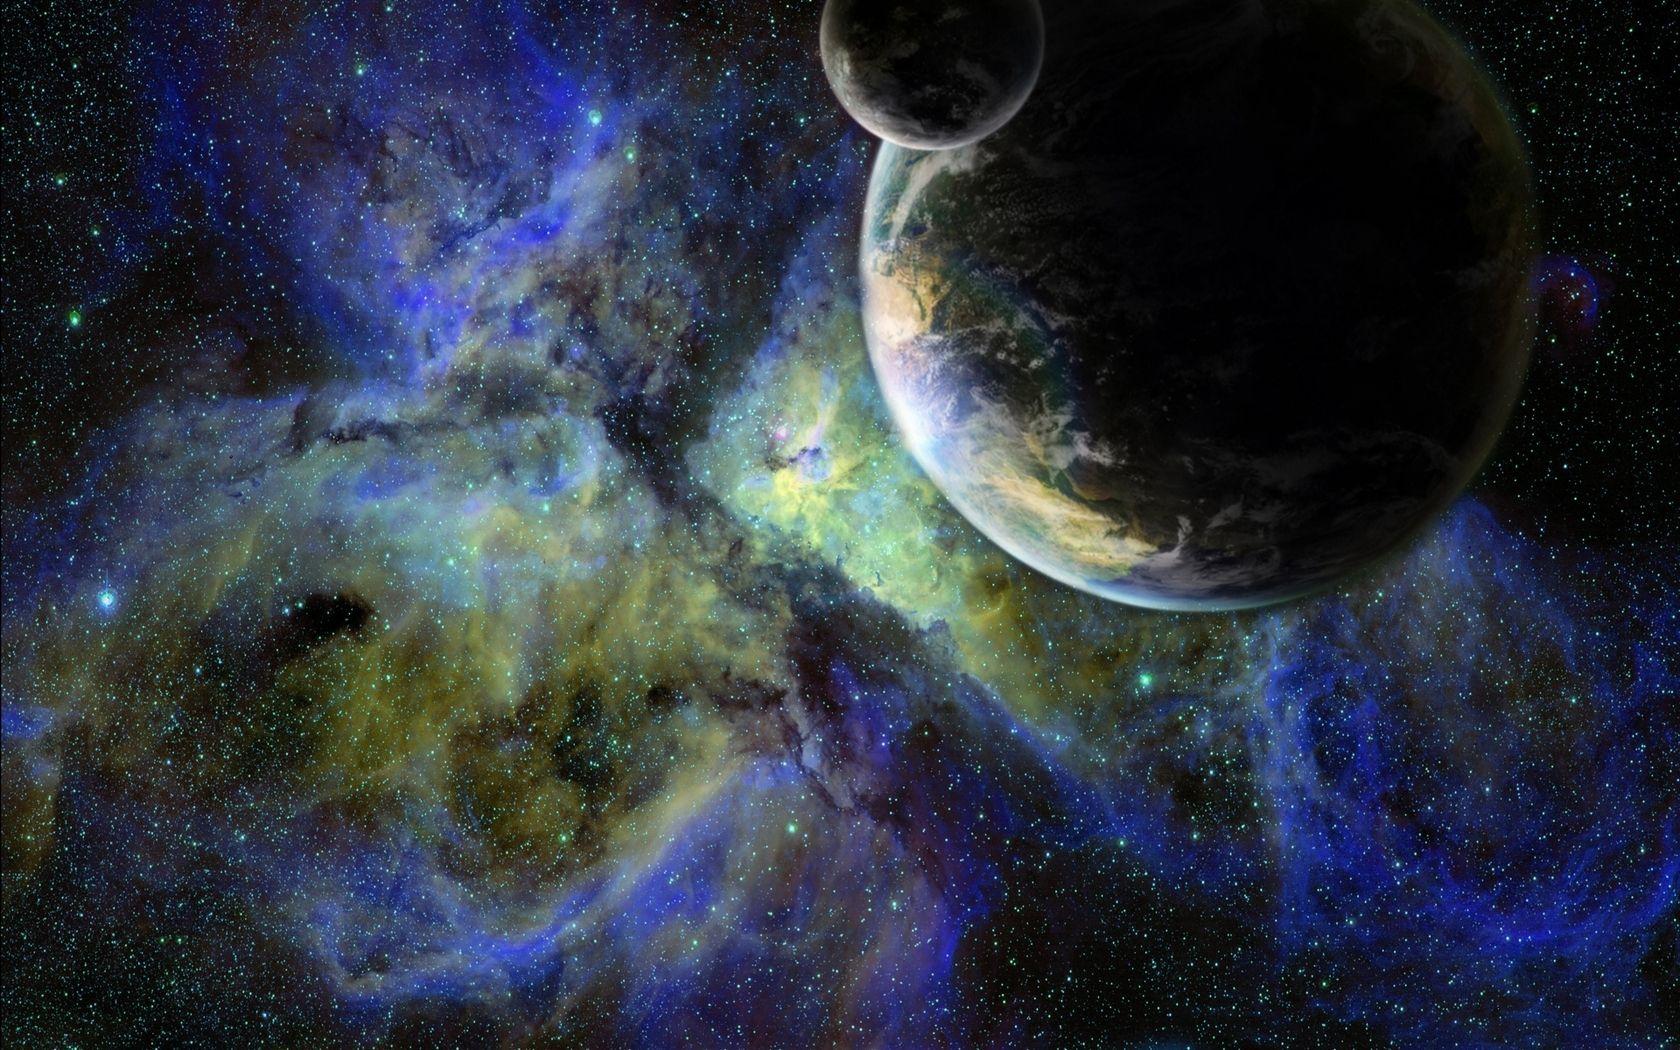 nebula | carina nebula planet 1680x1050 #5012 hd wallpaper res